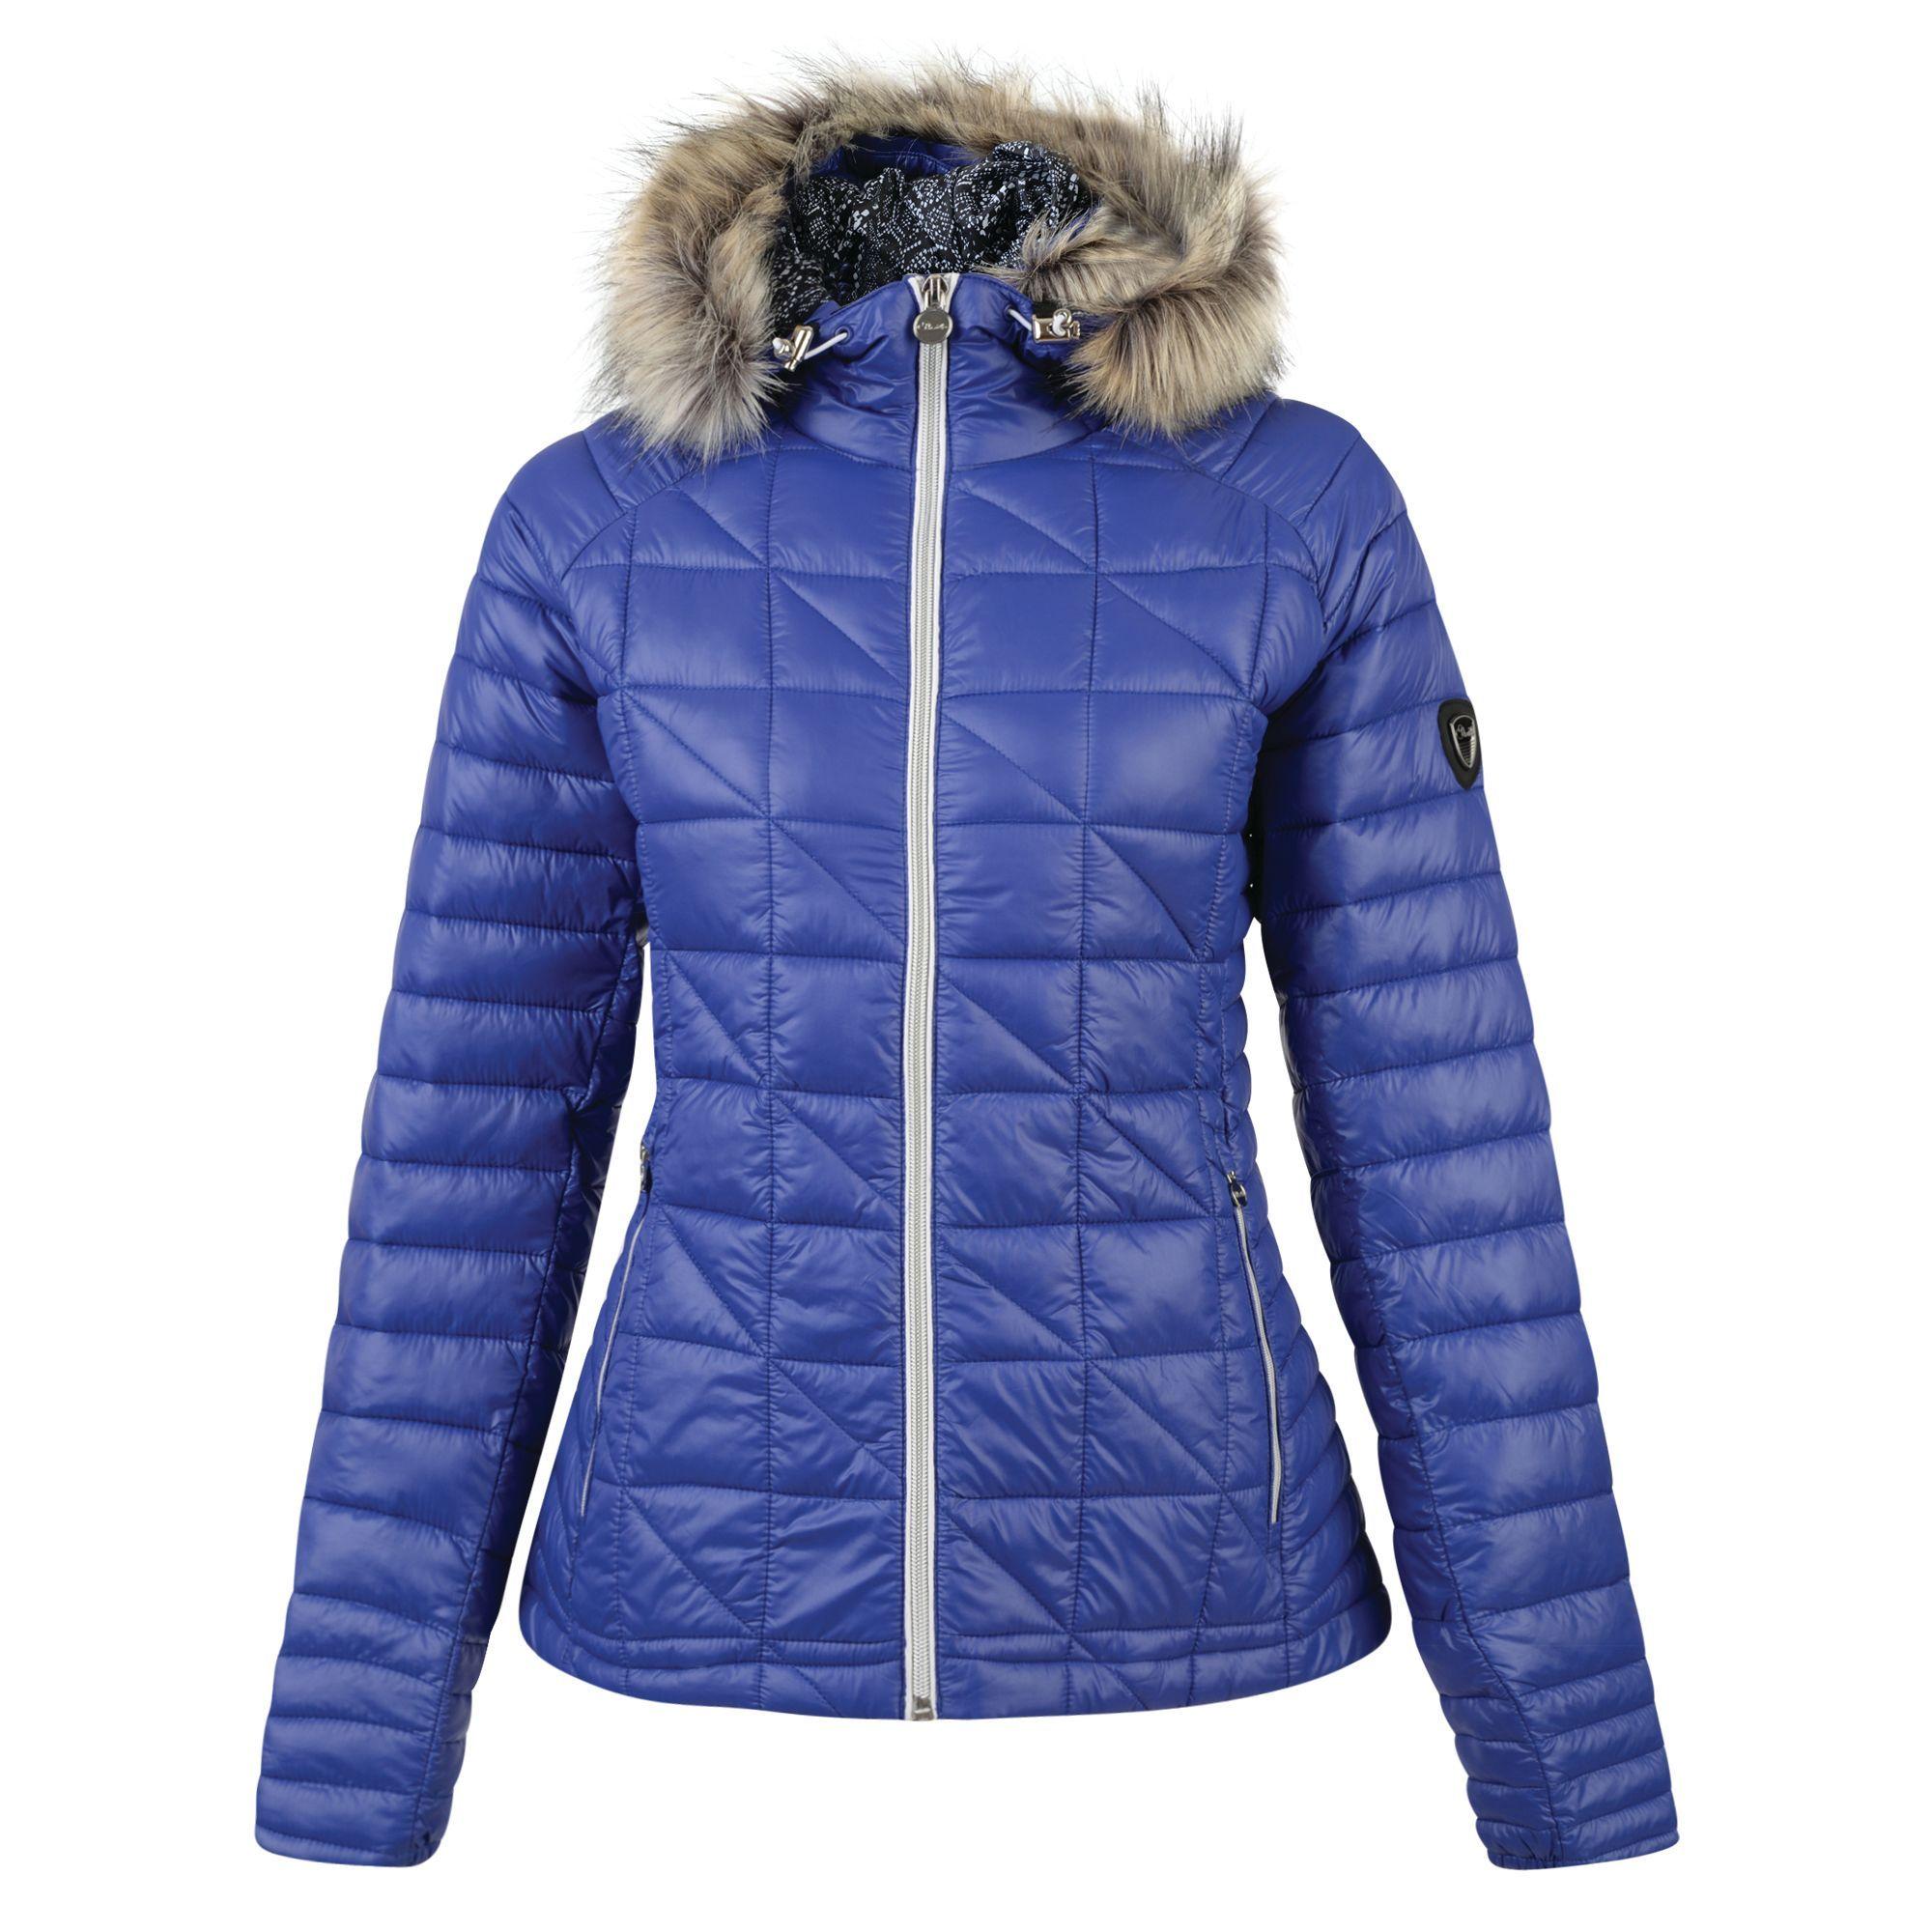 Dare 2B - Manteau De Sli Endow Ii - Femme (Bleu) - UTRG3142